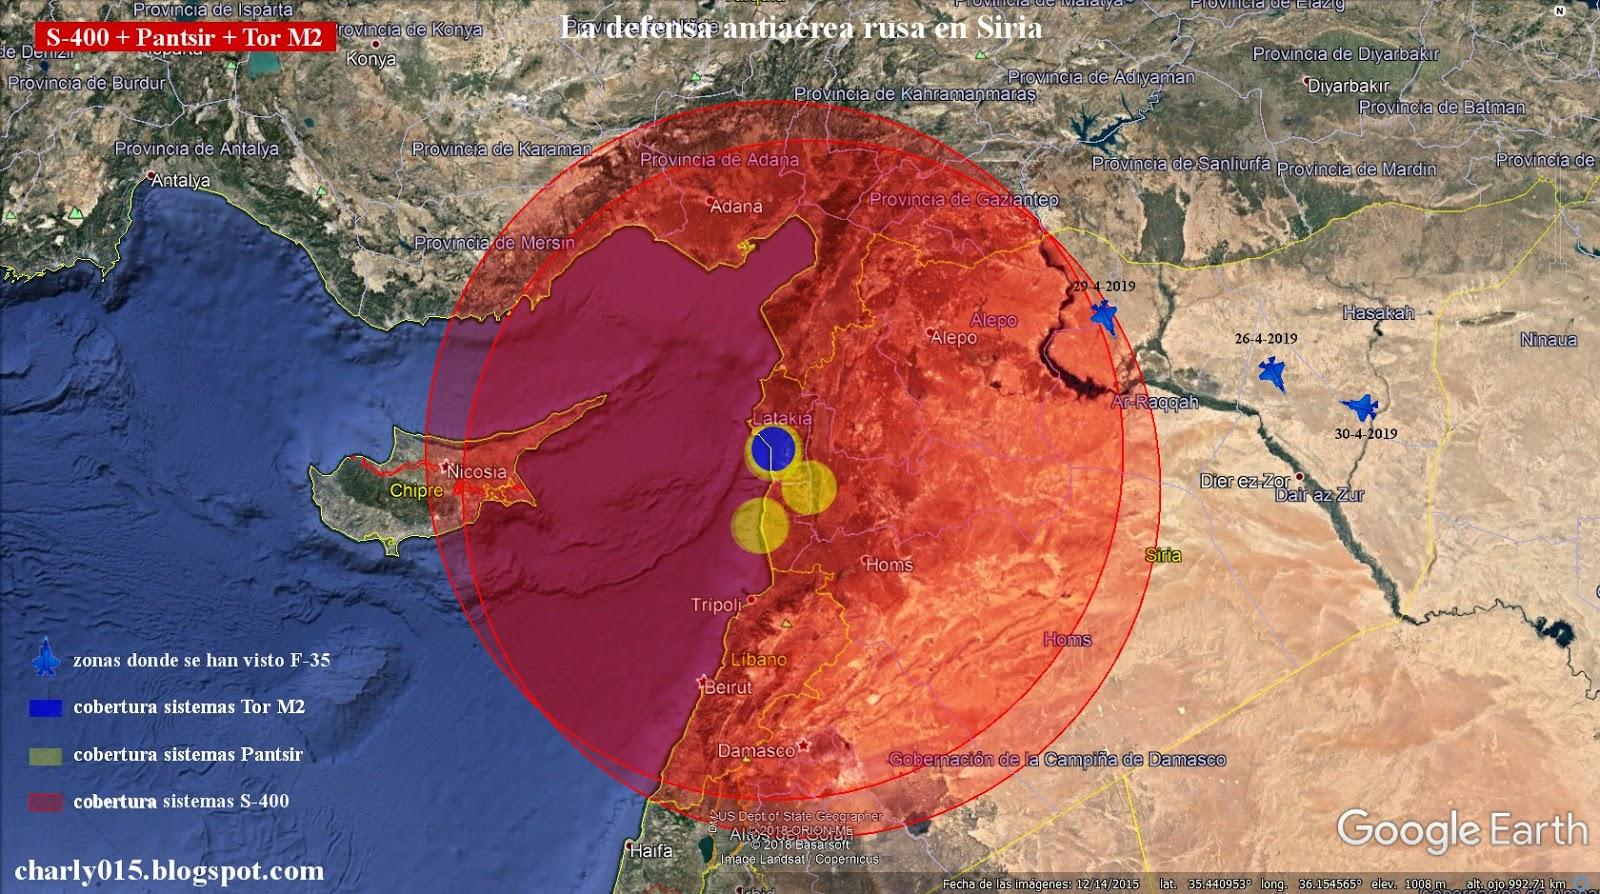 Iran y el mundo Arabe-Israel - Página 7 Siria%2Bdefensa%2Ba%25C3%25A9rea%2Bf-35